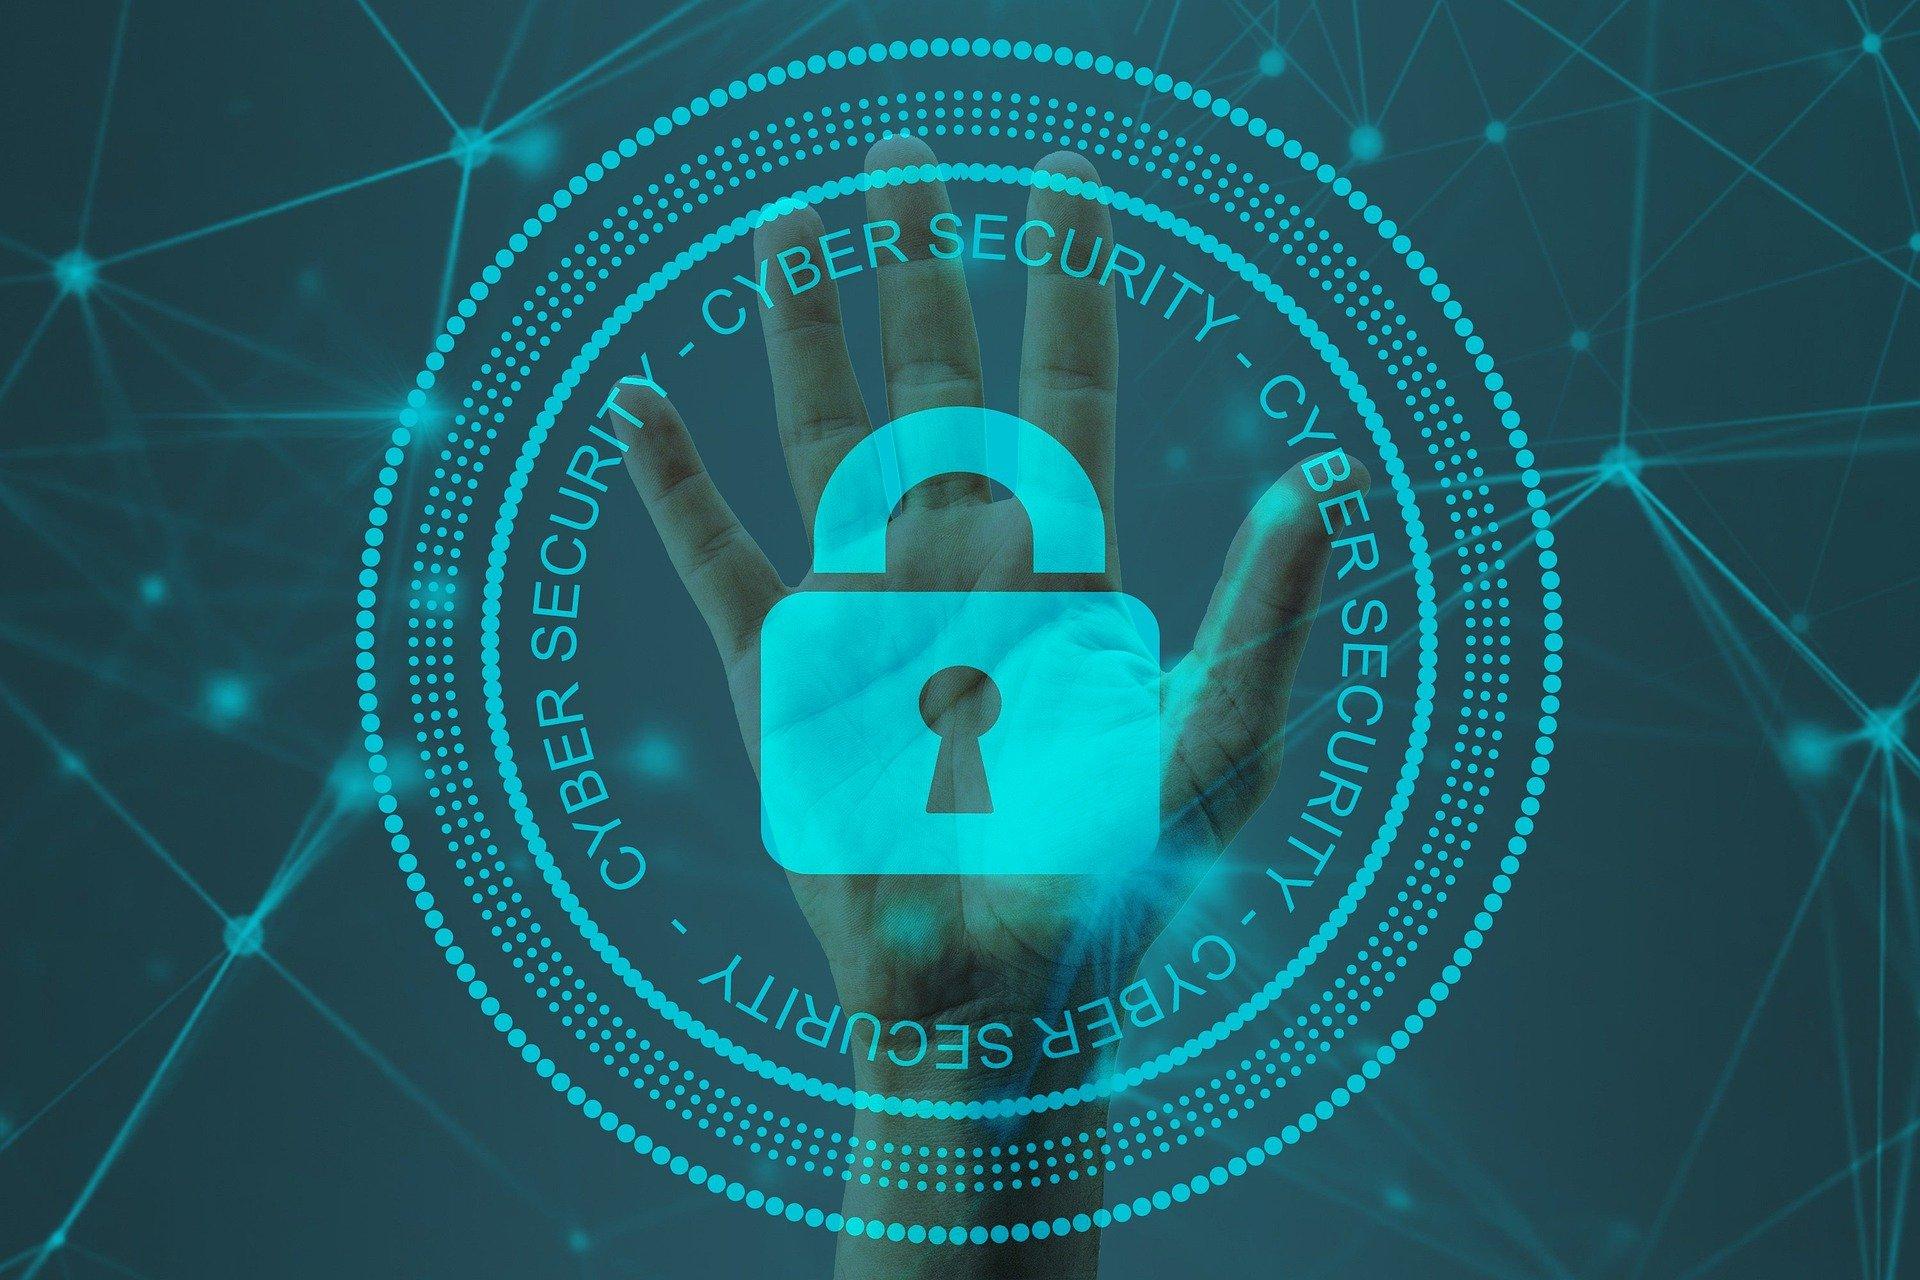 la_ cybersécurité_10_conseils_pour_se_protéger_des_cyberattaques